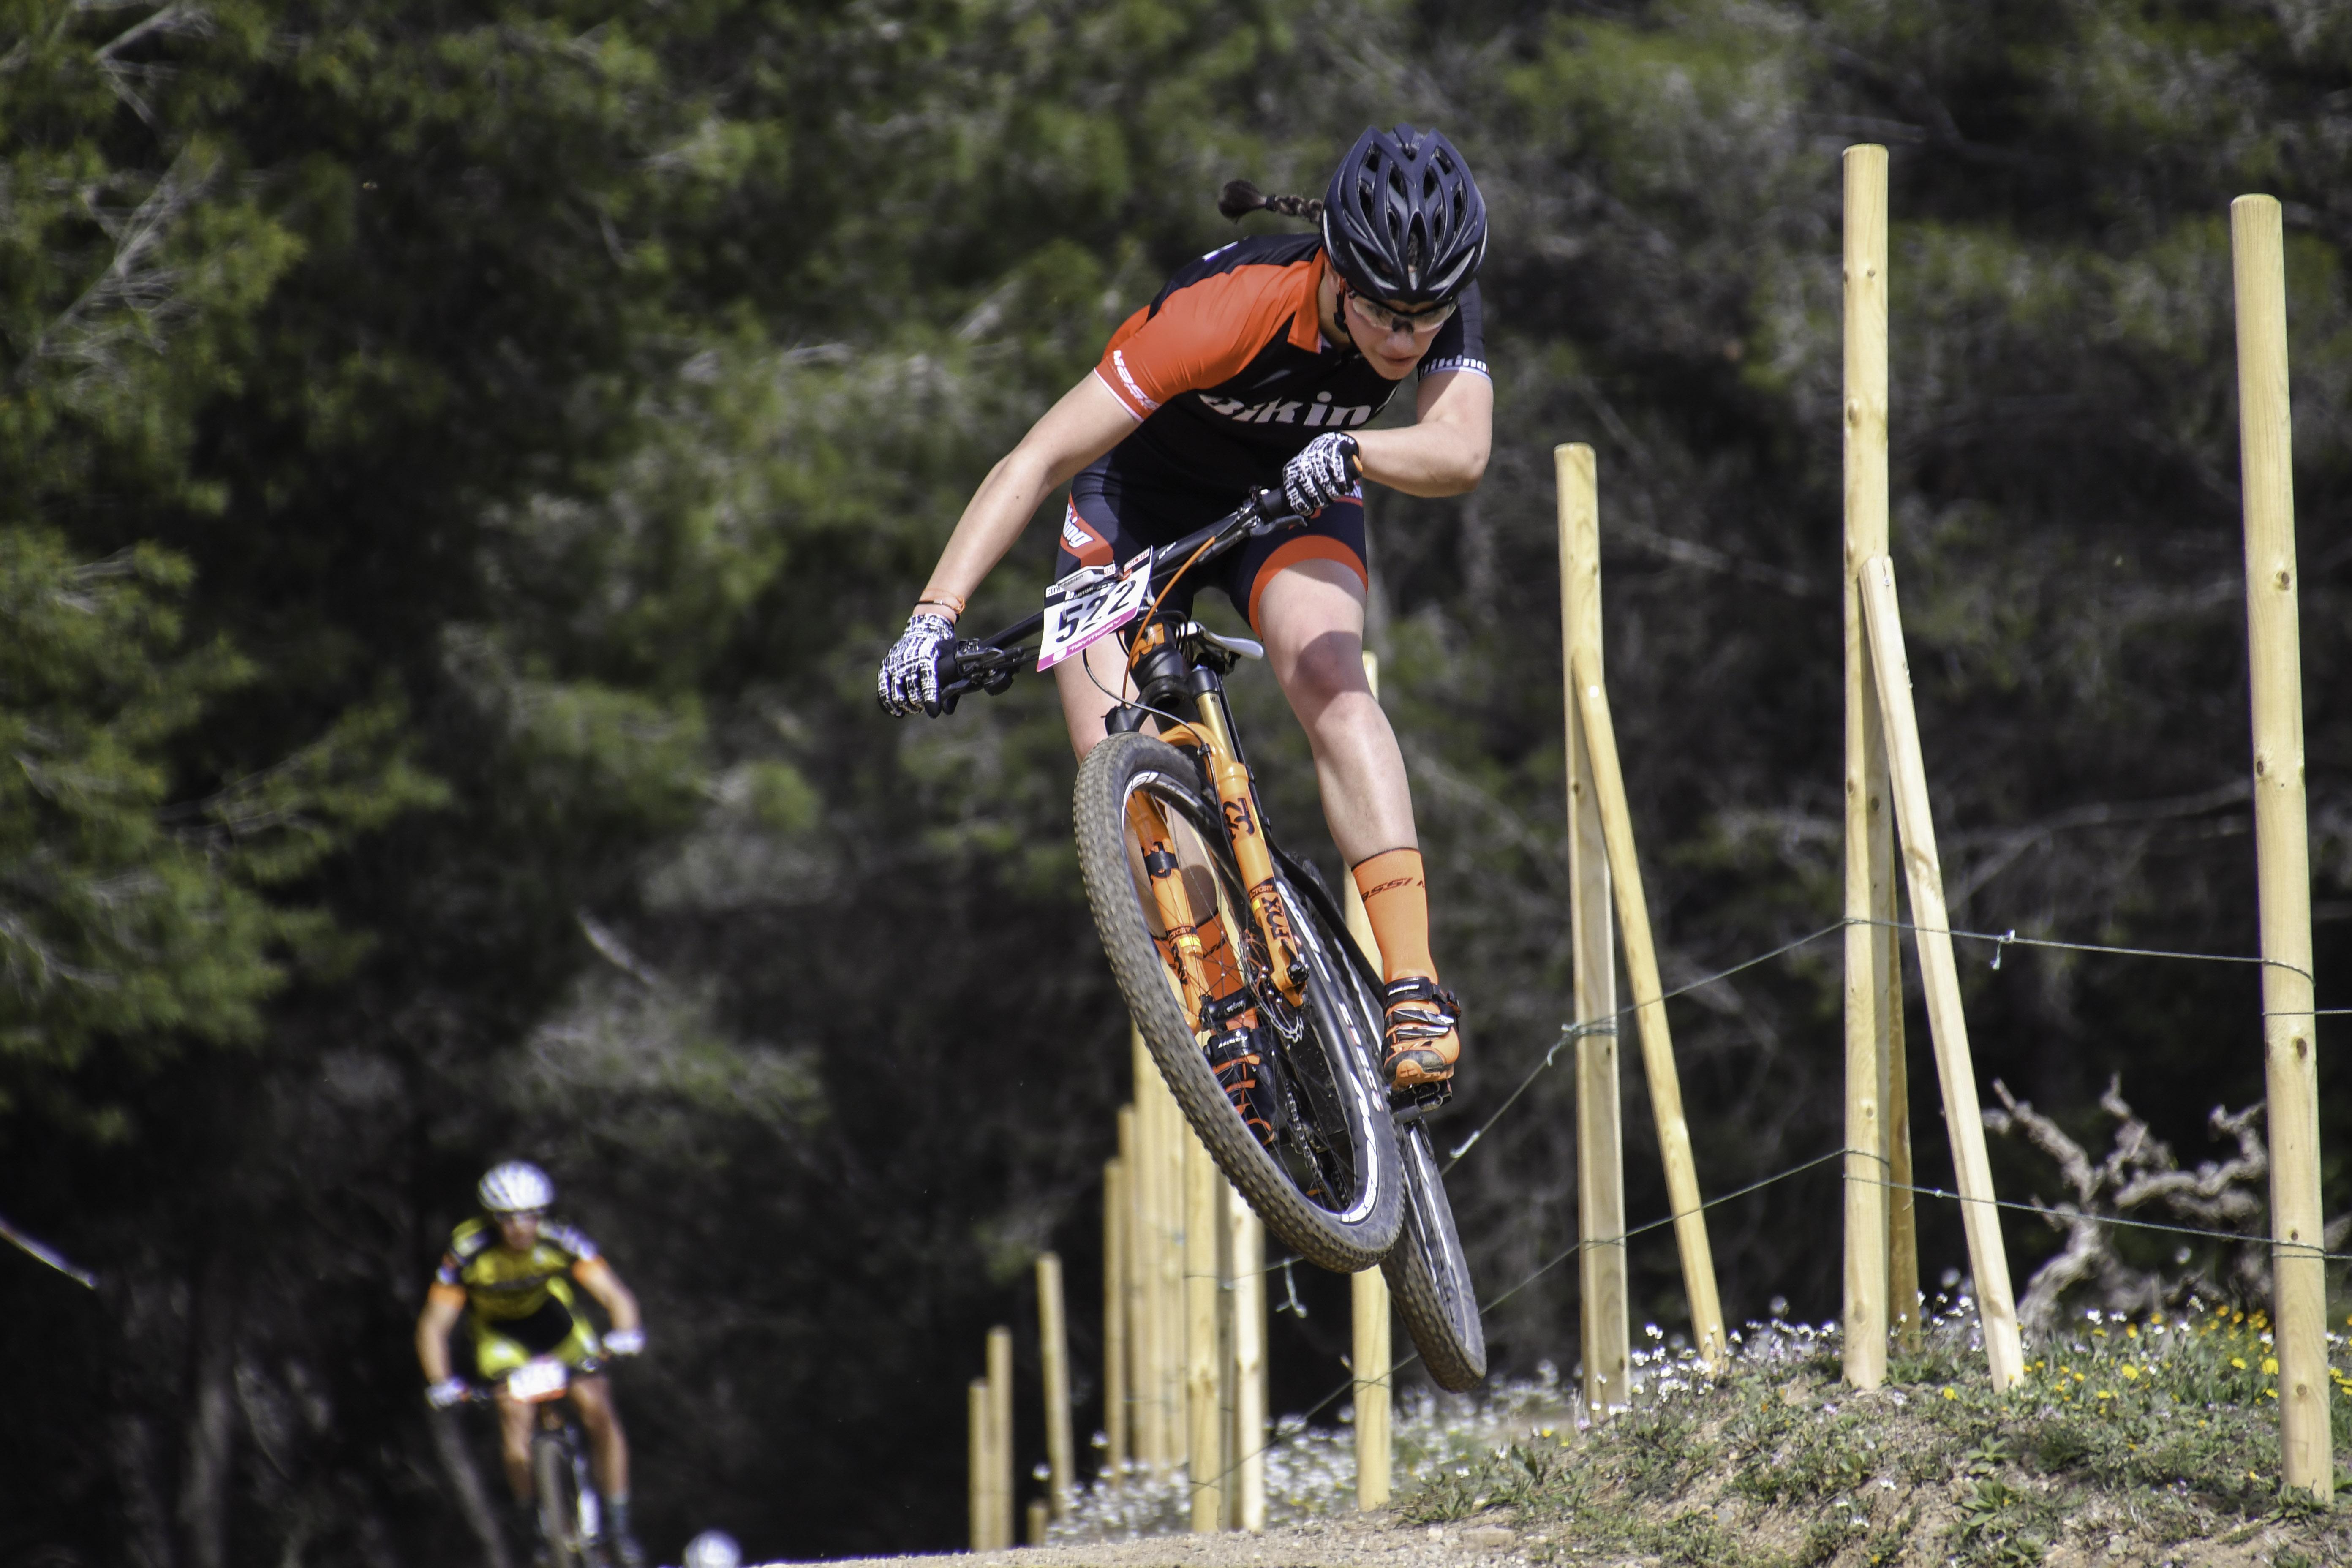 Corró d'Amunt viu una altra festa del XCO amb la Catalana Internacional Biking Point